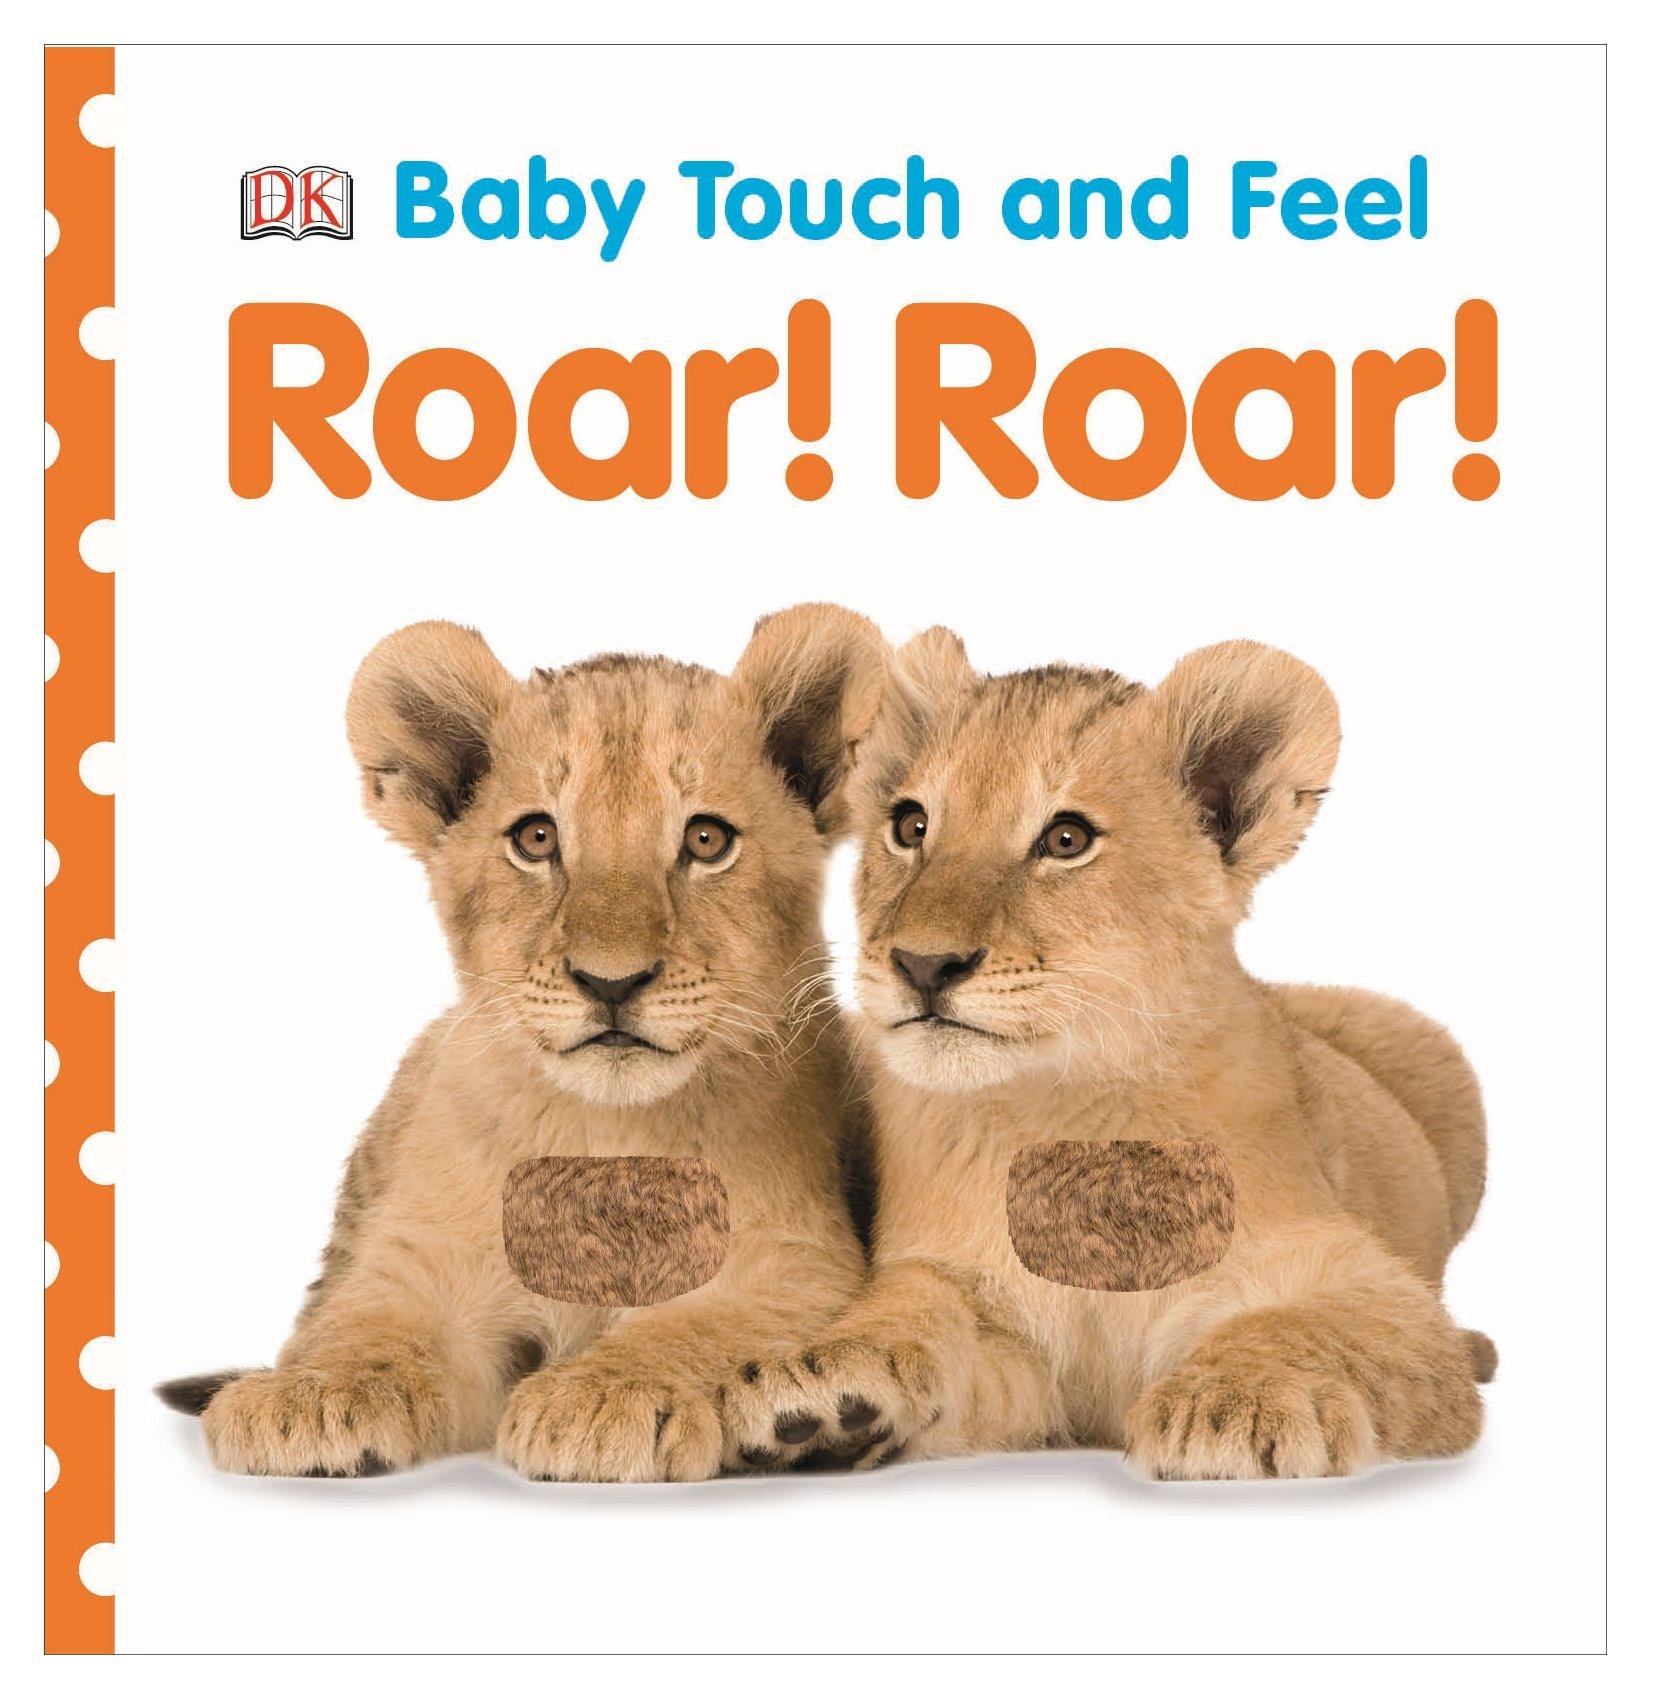 Baby Touch And Feel Roar! Roar! - 9781409346678,62_201738,132000,tiki.vn,Baby-Touch-And-Feel-Roar-Roar-62_201738,Baby Touch And Feel Roar! Roar!